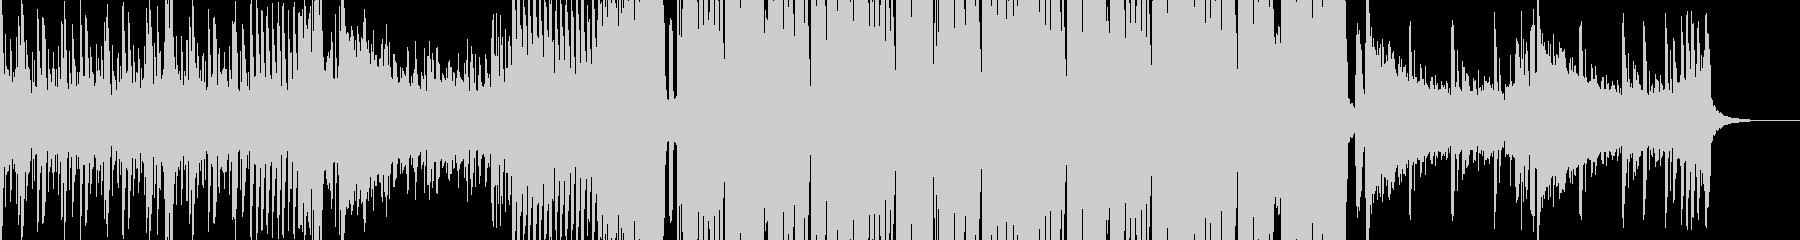 不気味なRiddim、ダブステップの未再生の波形